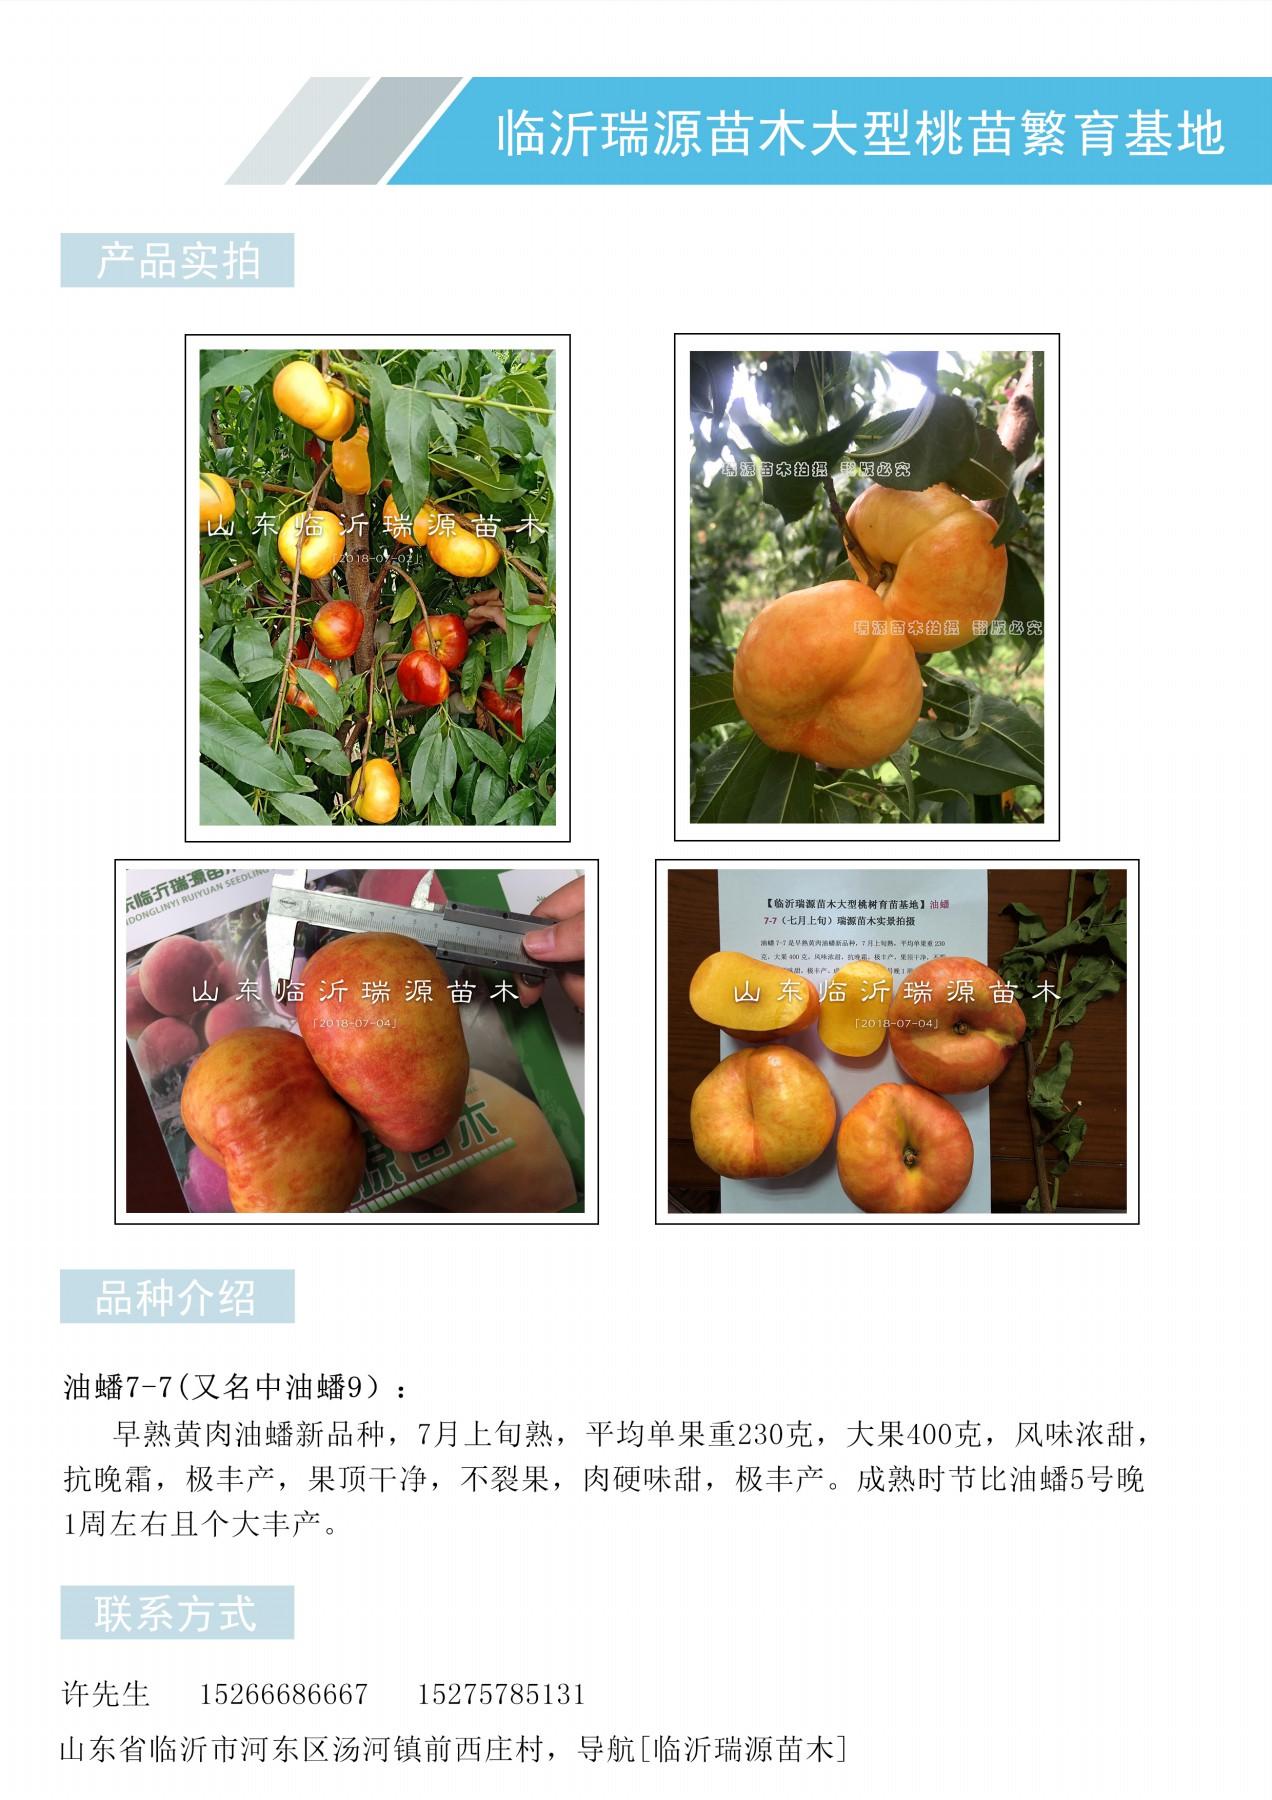 百色黃桃樹苗找臨沂瑞源苗木_百色品種簡介